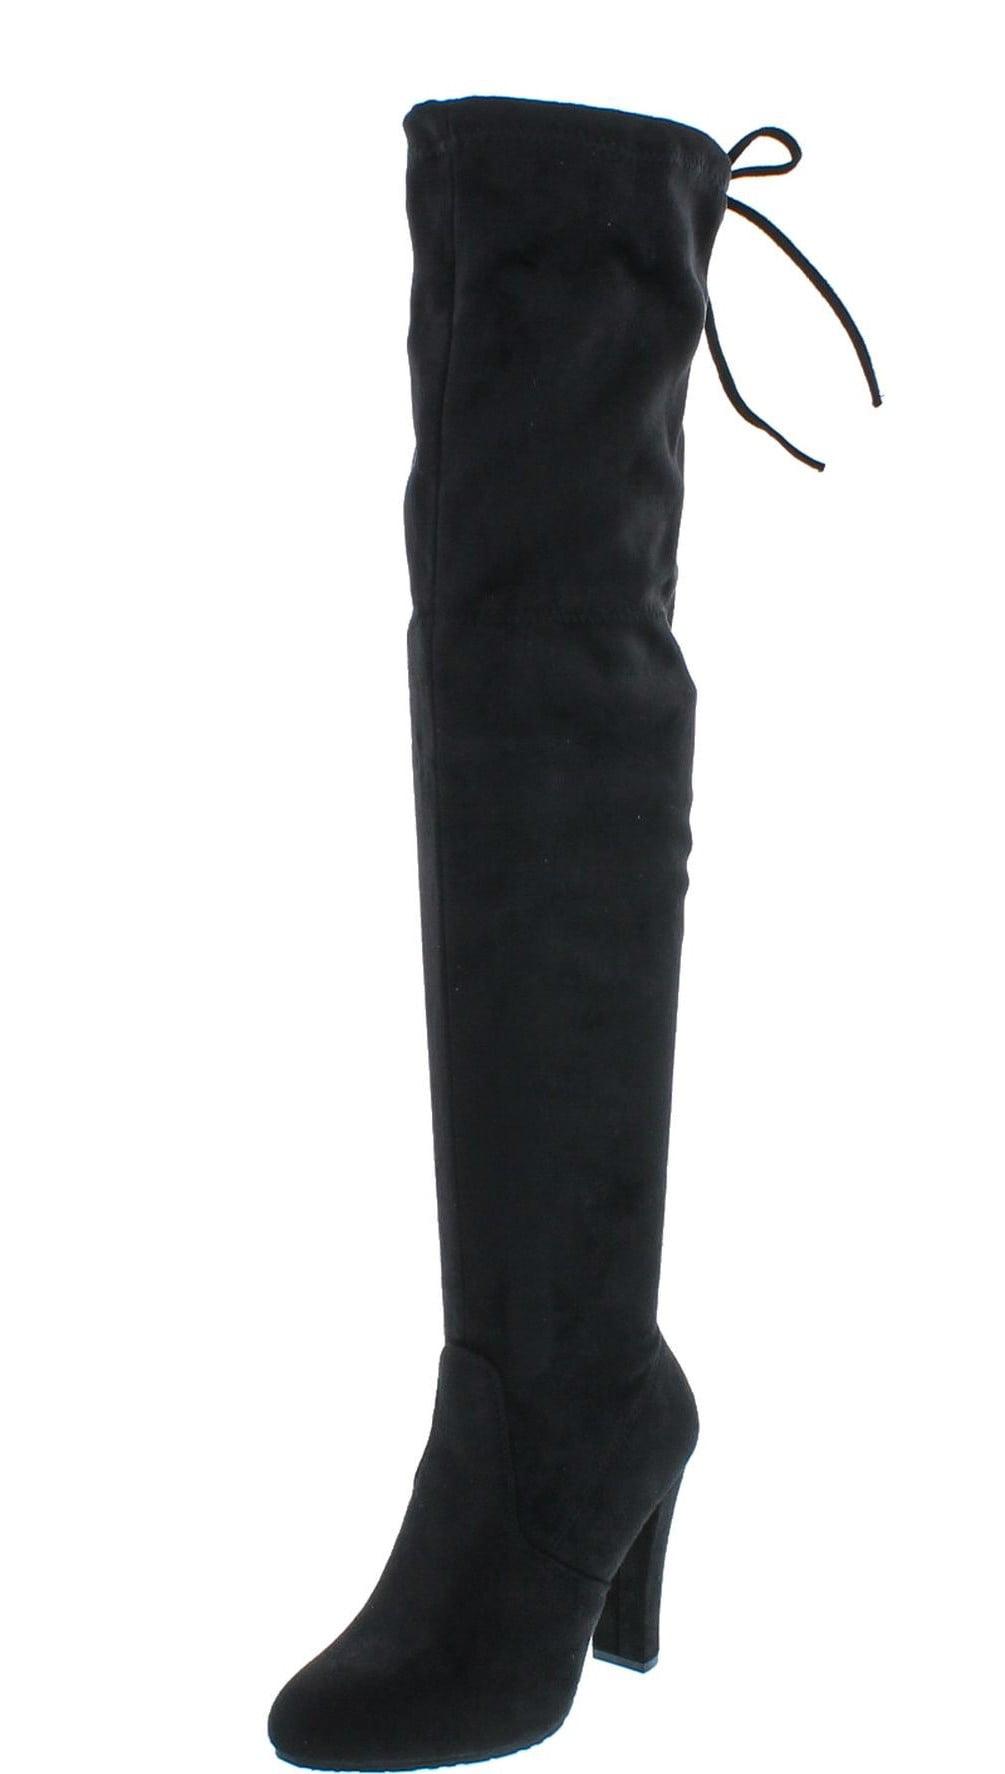 Thigh High Boots - Walmart.com